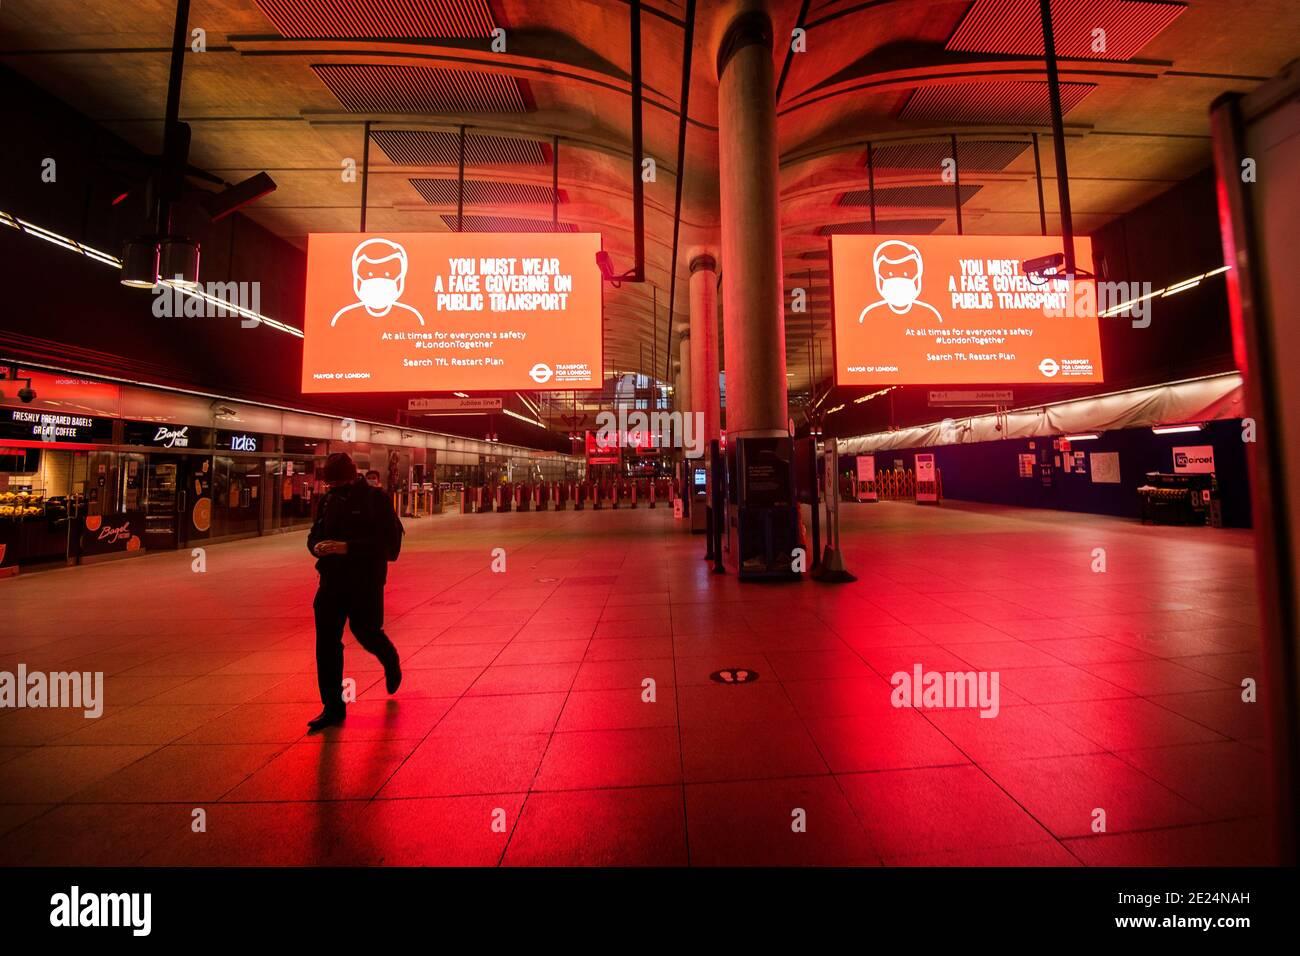 Eine einsame Person auf der Parcours an der Canary Wharf U-Bahn-Station während der morgendlichen Rush Hour in London, als Englands dritte nationale Sperre zur Eindämmung der Ausbreitung des Coronavirus weiter. Stockfoto